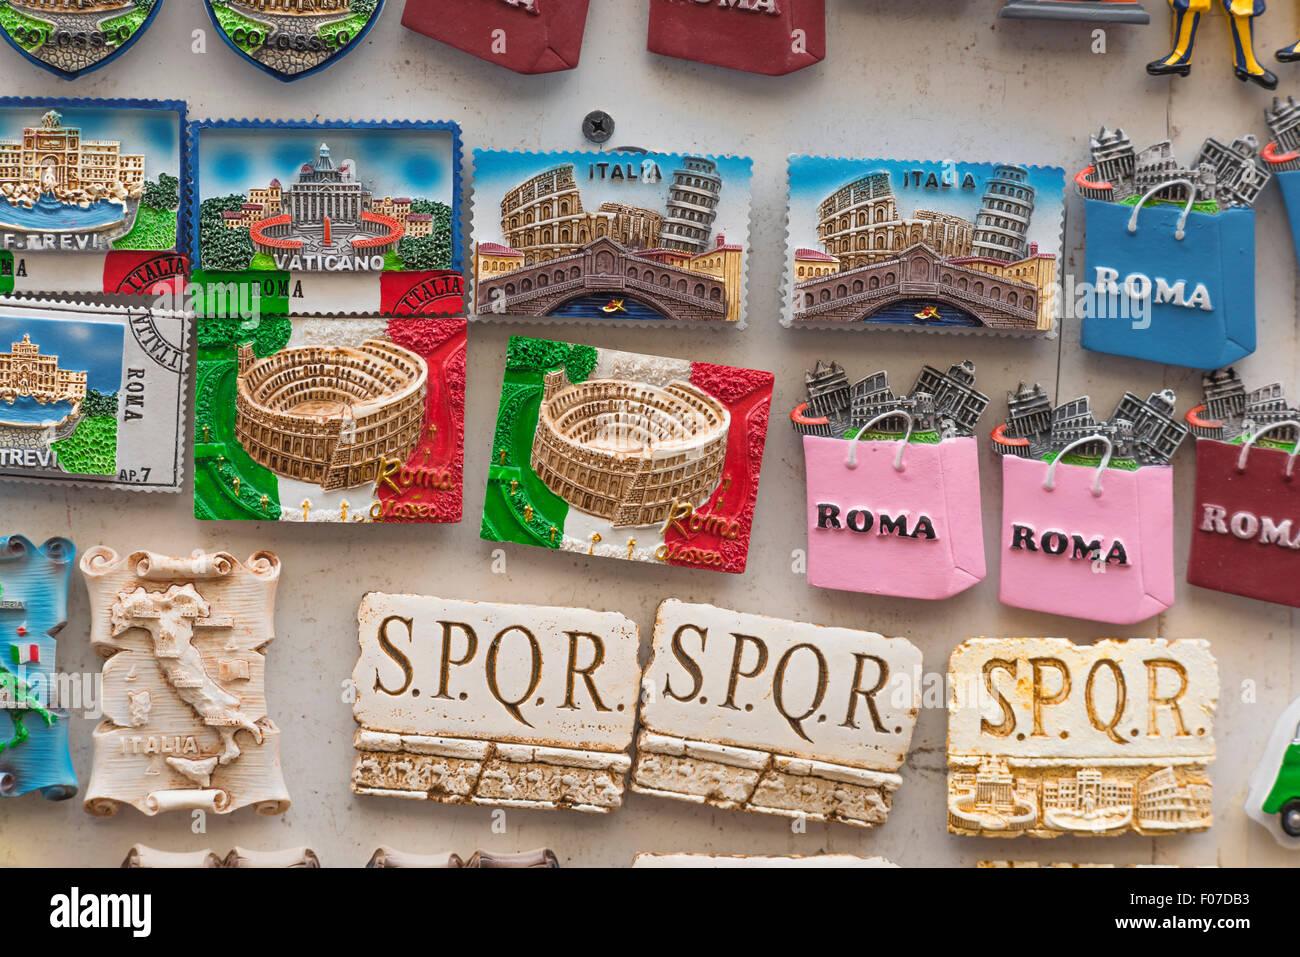 Kühlschrank Magnete : Rom tourismus souvenir kühlschrank magnete auf den verkauf